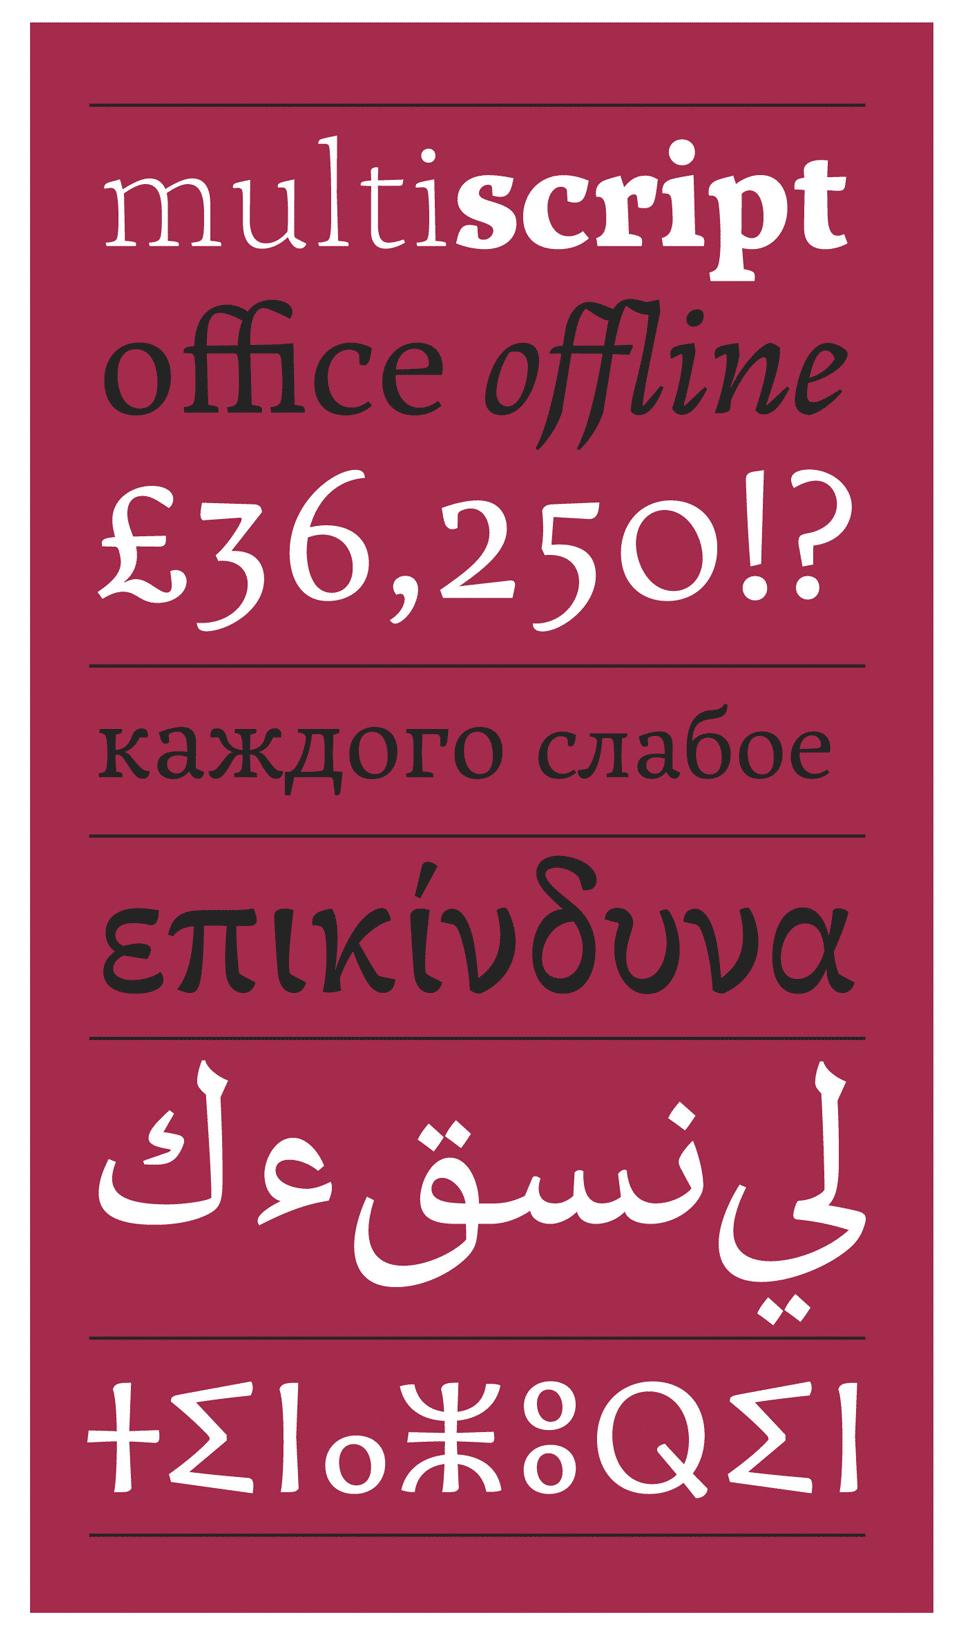 Muestra de las opciones multiscript de la tipografía Hamaikka - Juan Luis Blanco